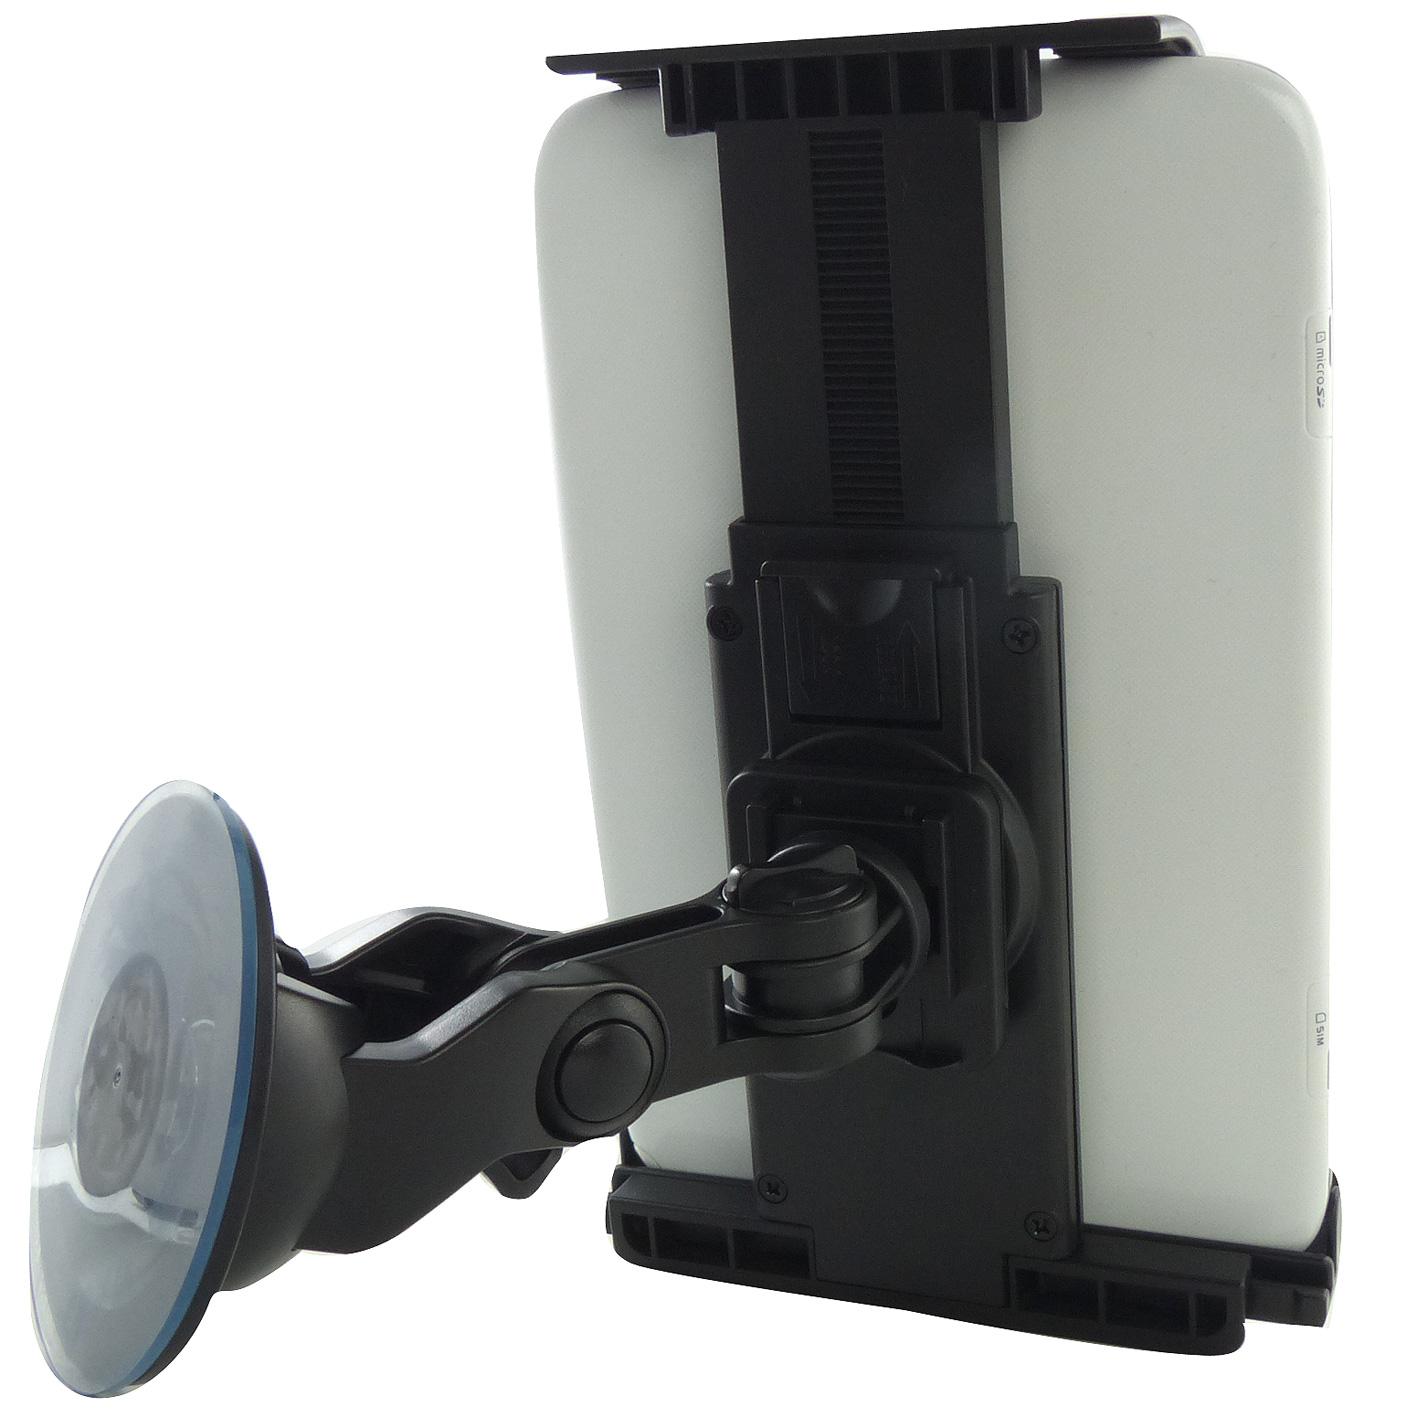 haicom universal kfz autohalterung f r apple ipad mini 4. Black Bedroom Furniture Sets. Home Design Ideas